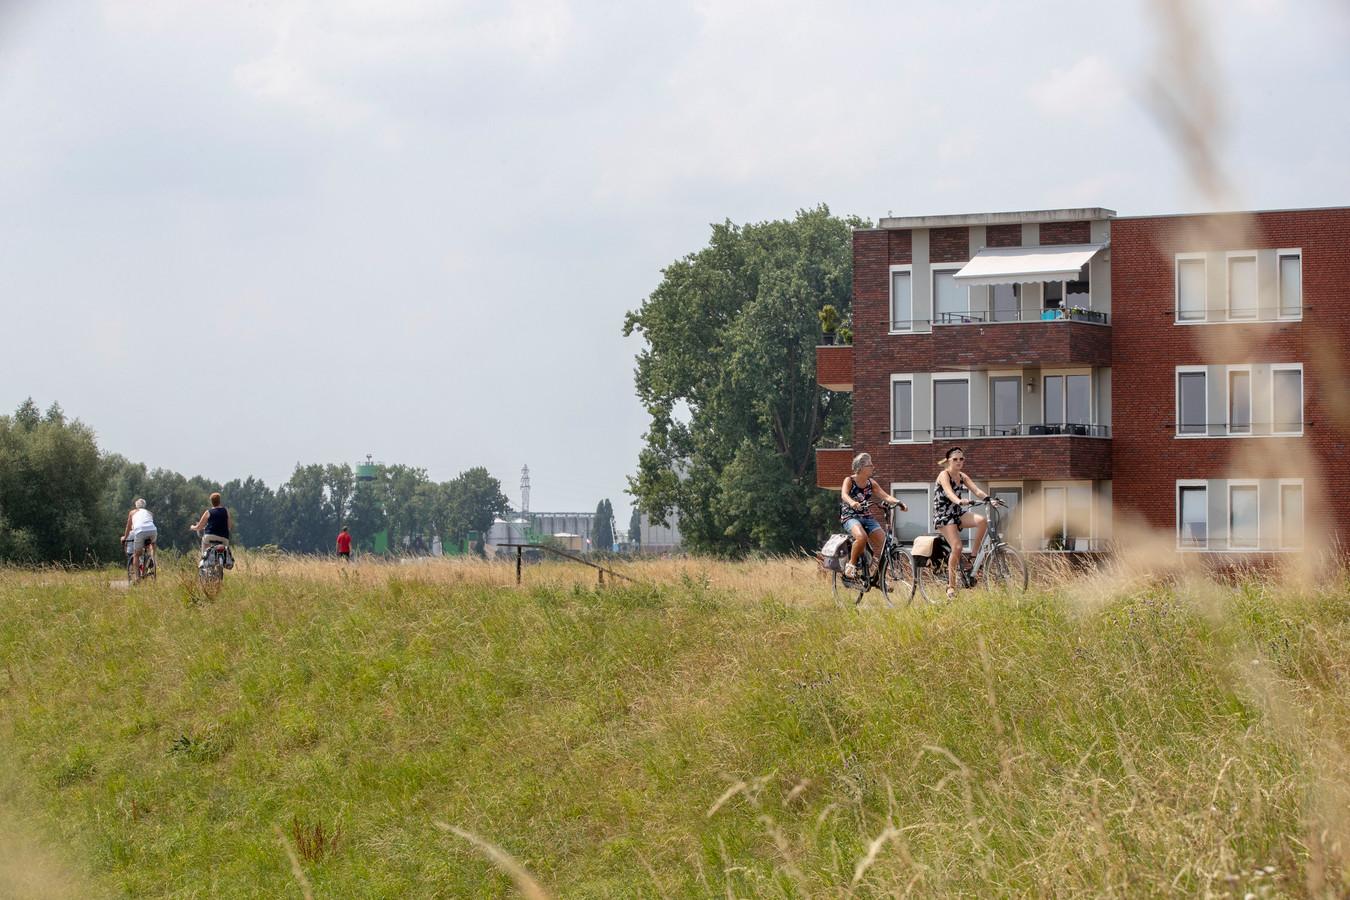 Bij een forse verhoging Grebbedijk zullen sommige bewoners van appartementen Bastion hun uitzicht deels verliezen